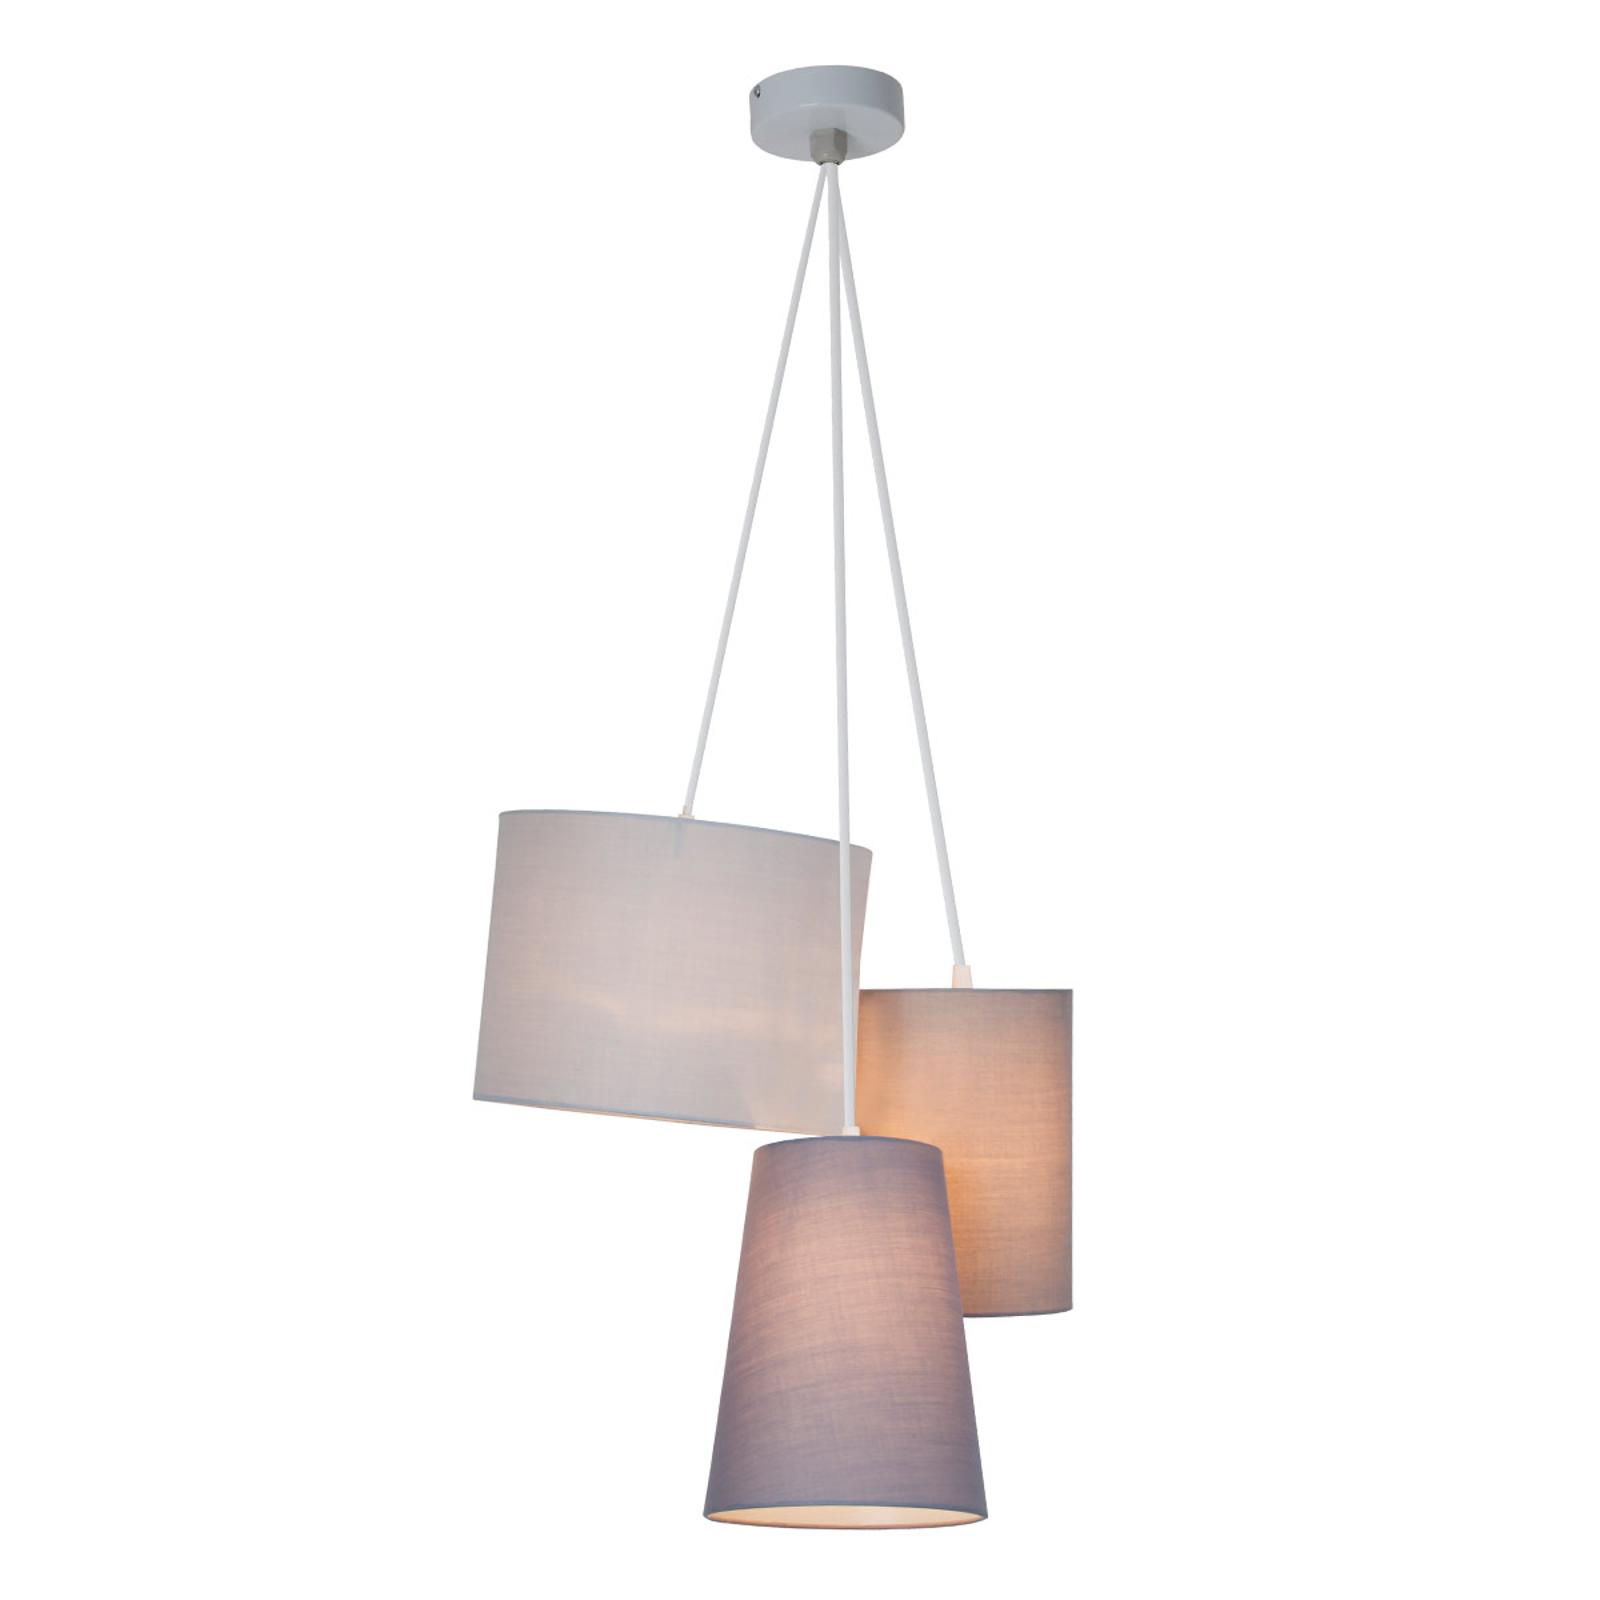 Tříbaňkové závěsné světlo s tkaninovými stínidly